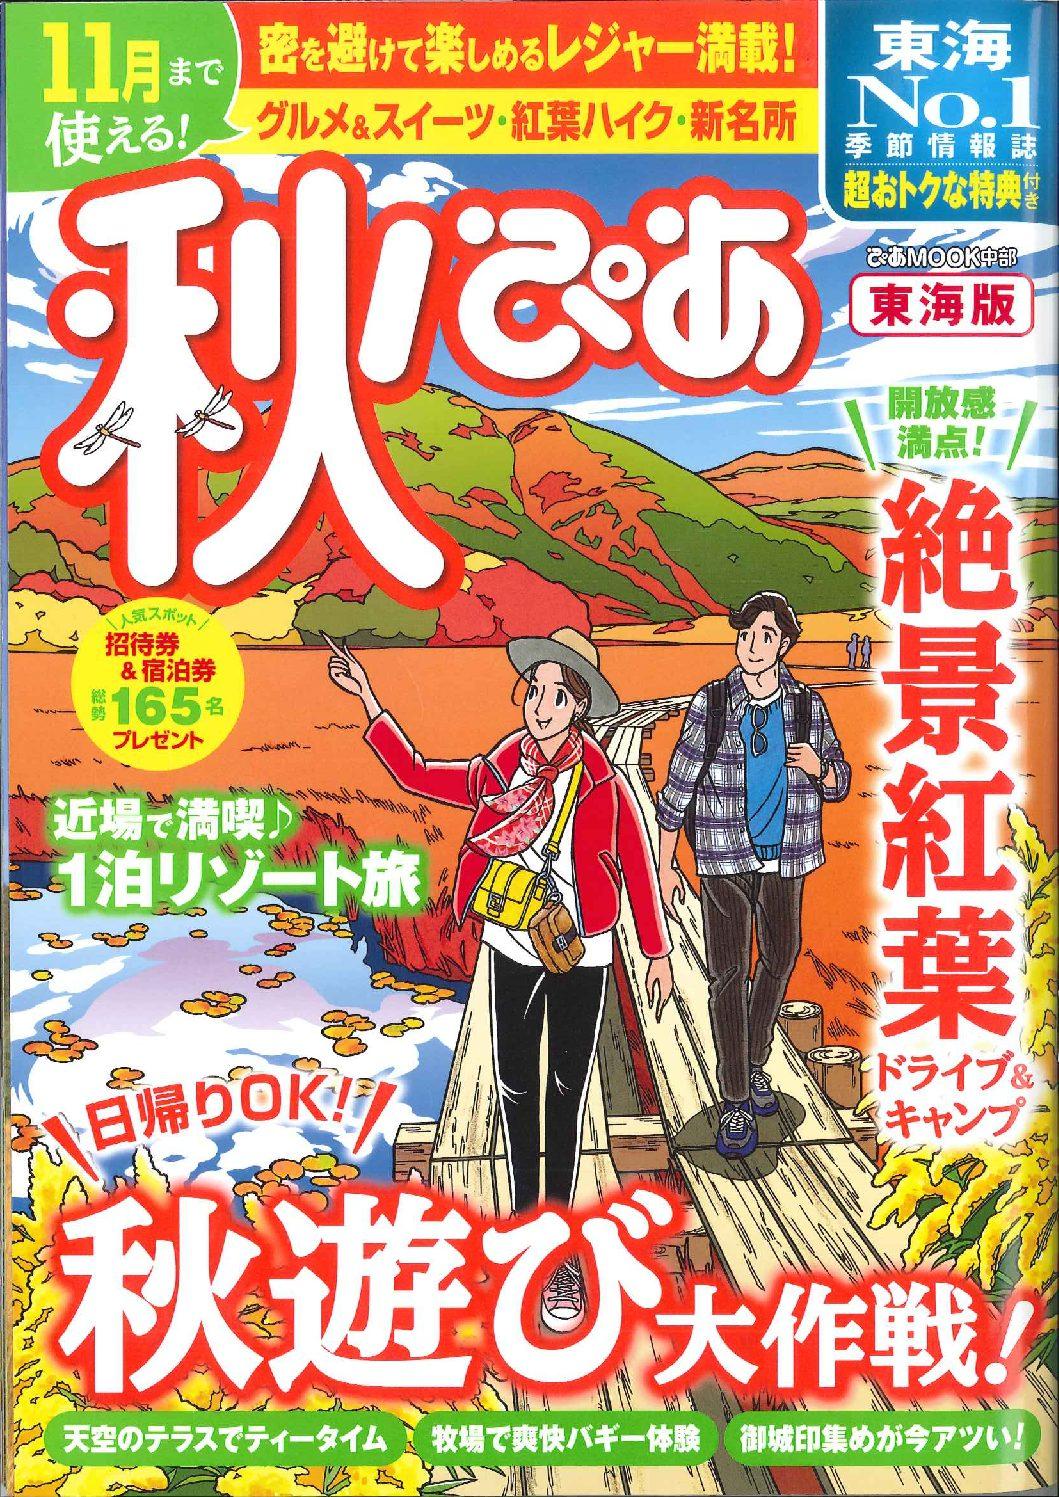 「秋ぴあ東海版2020」にてKADODE OOIGAWA(かどでおおいがわ)が紹介されました。